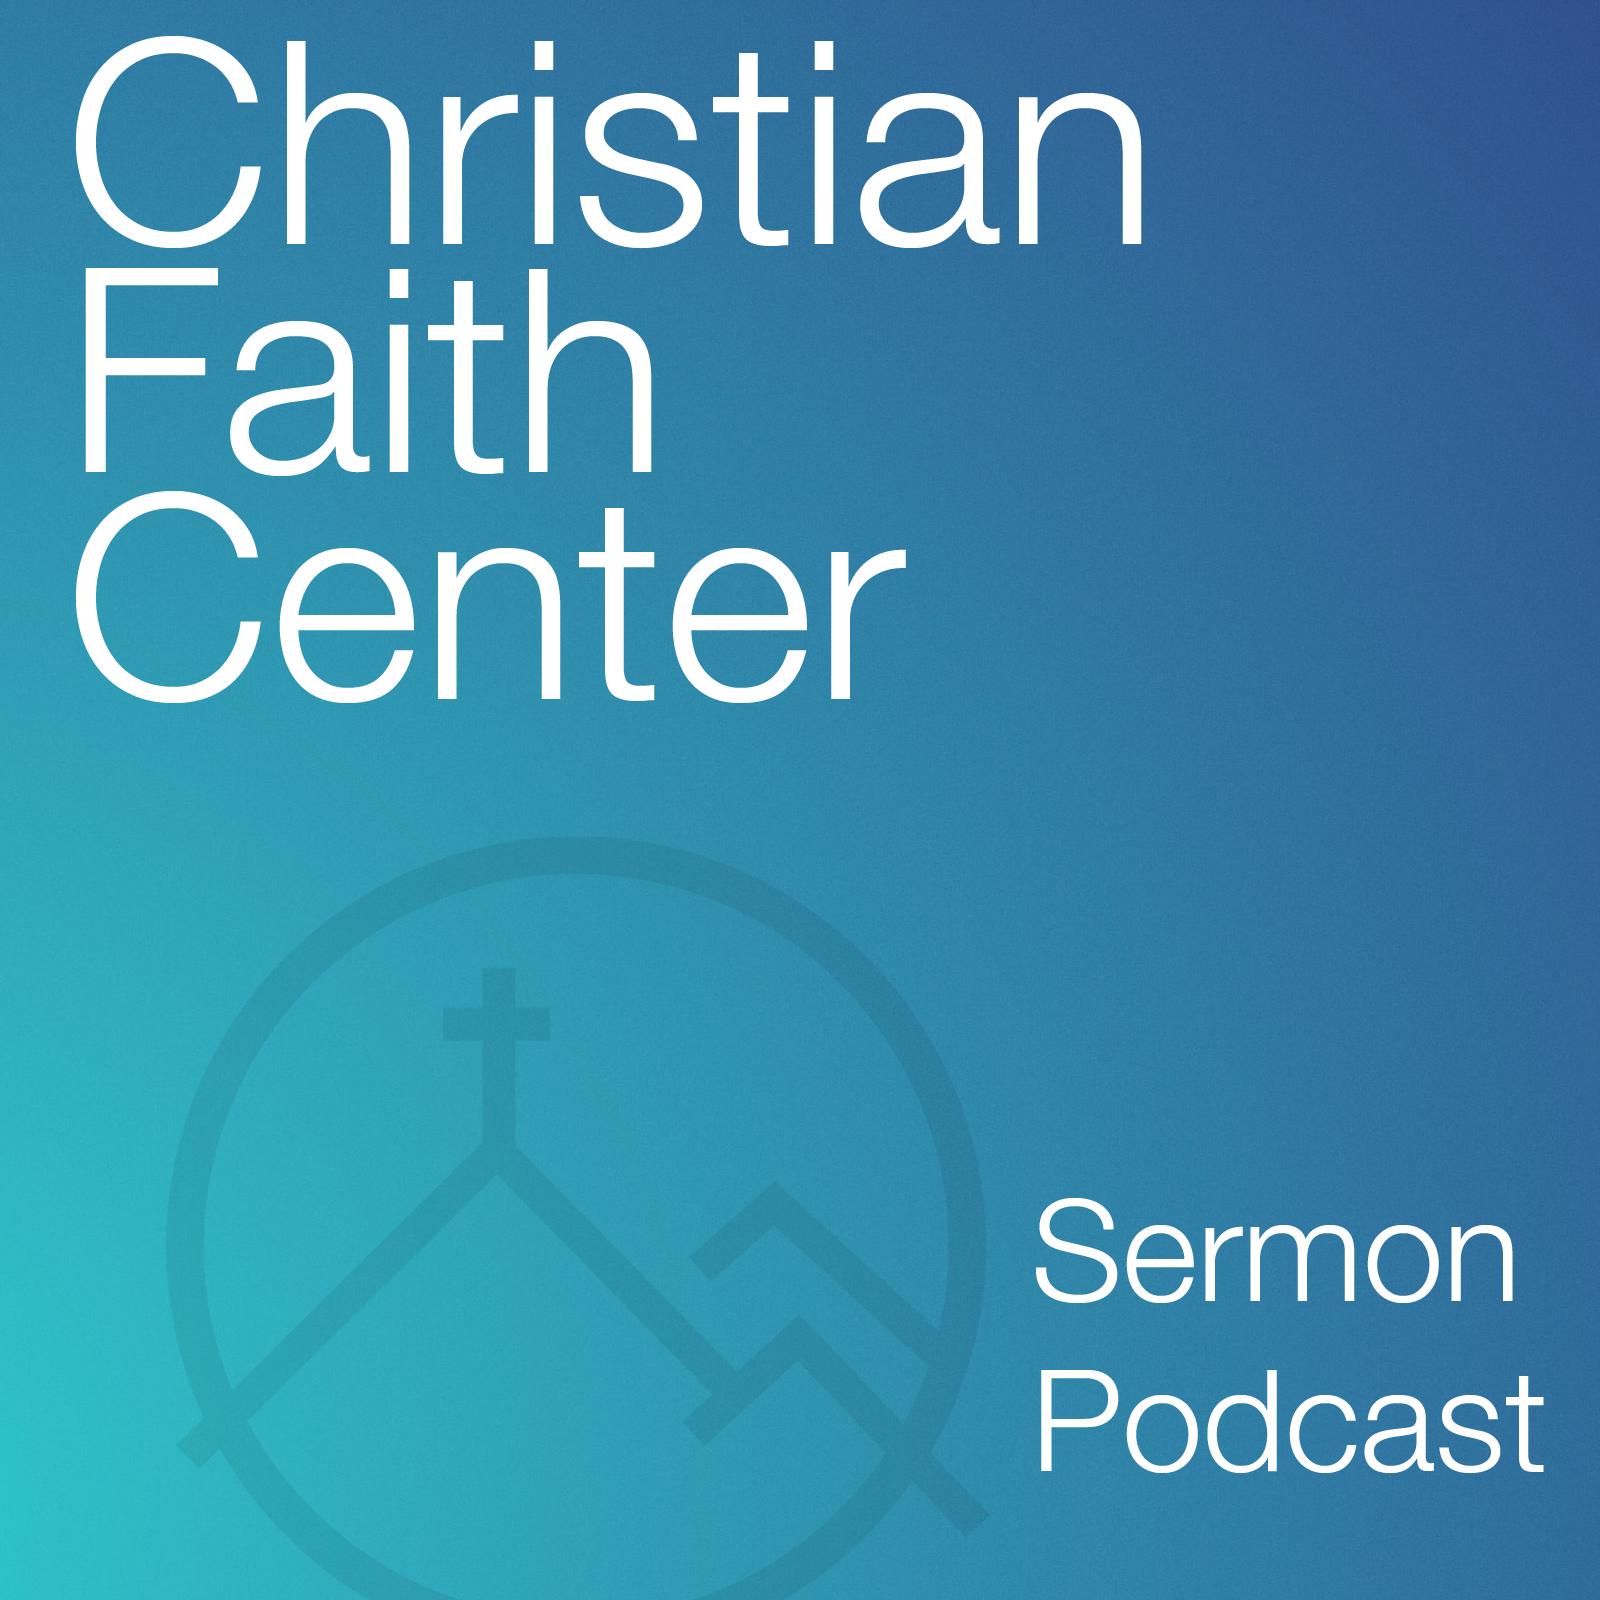 Christian Faith Center